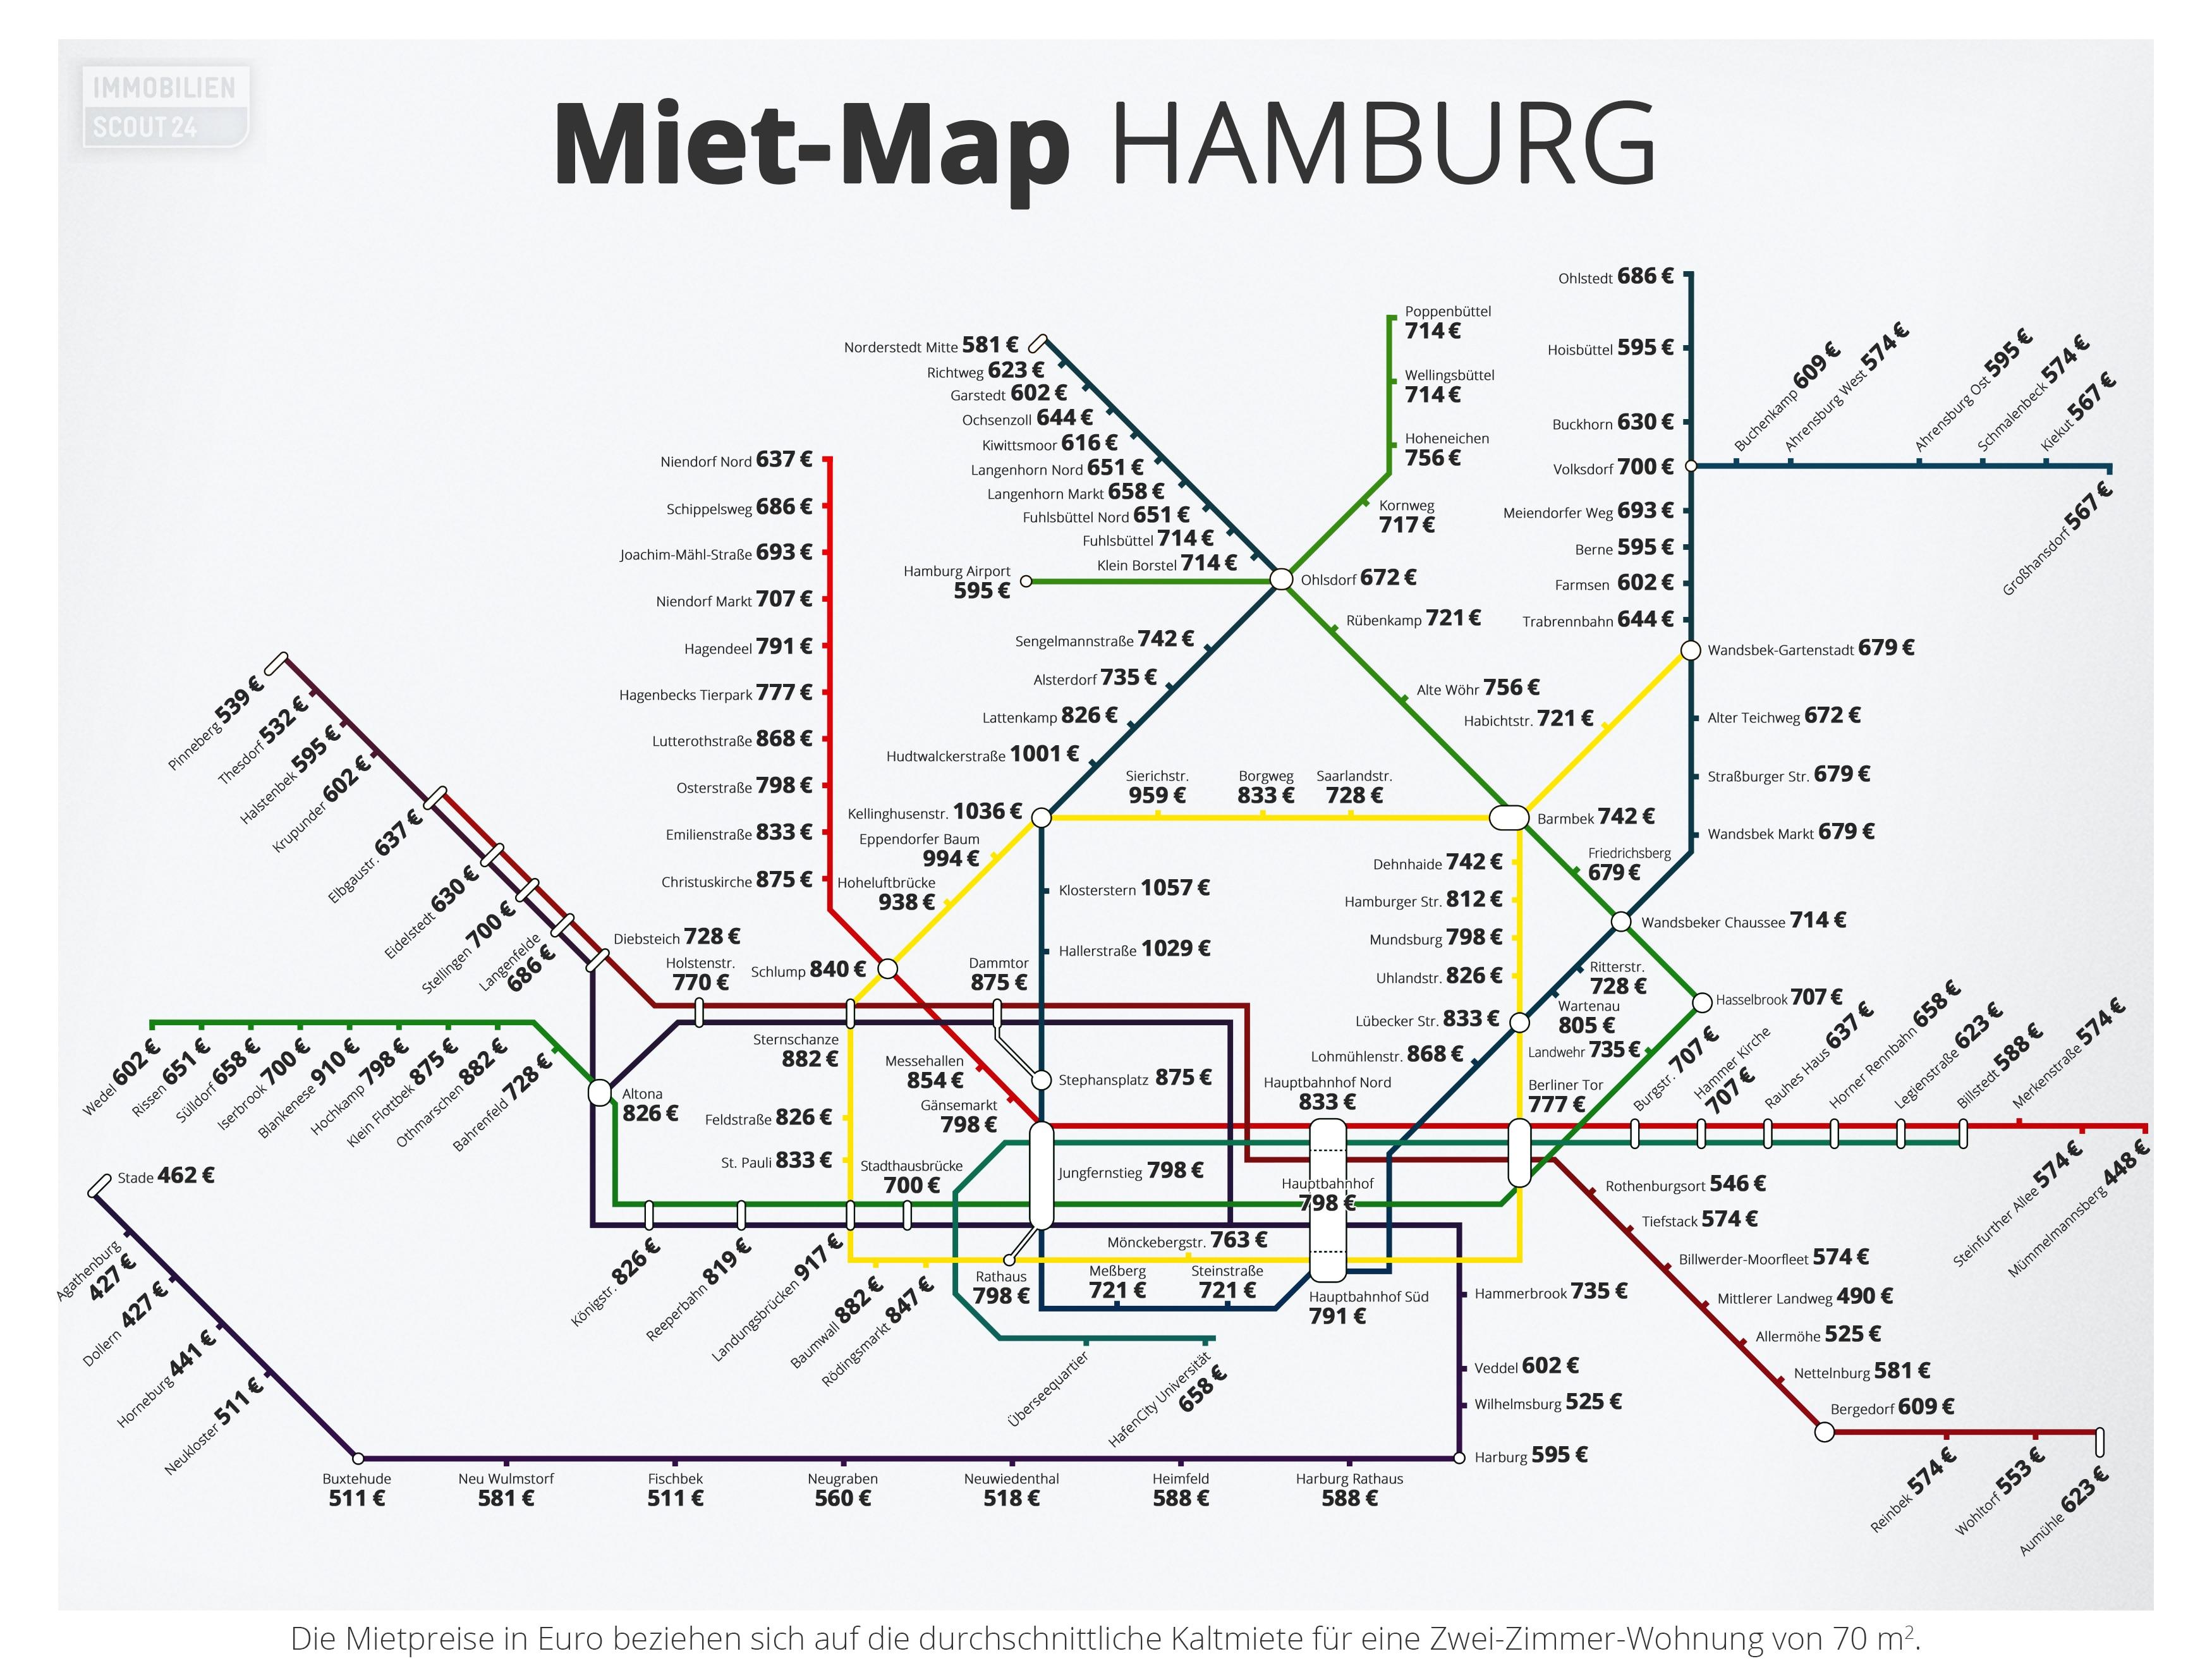 Die Mieten in Hamburg auf einer U-Bahn-Karte | STERN.de